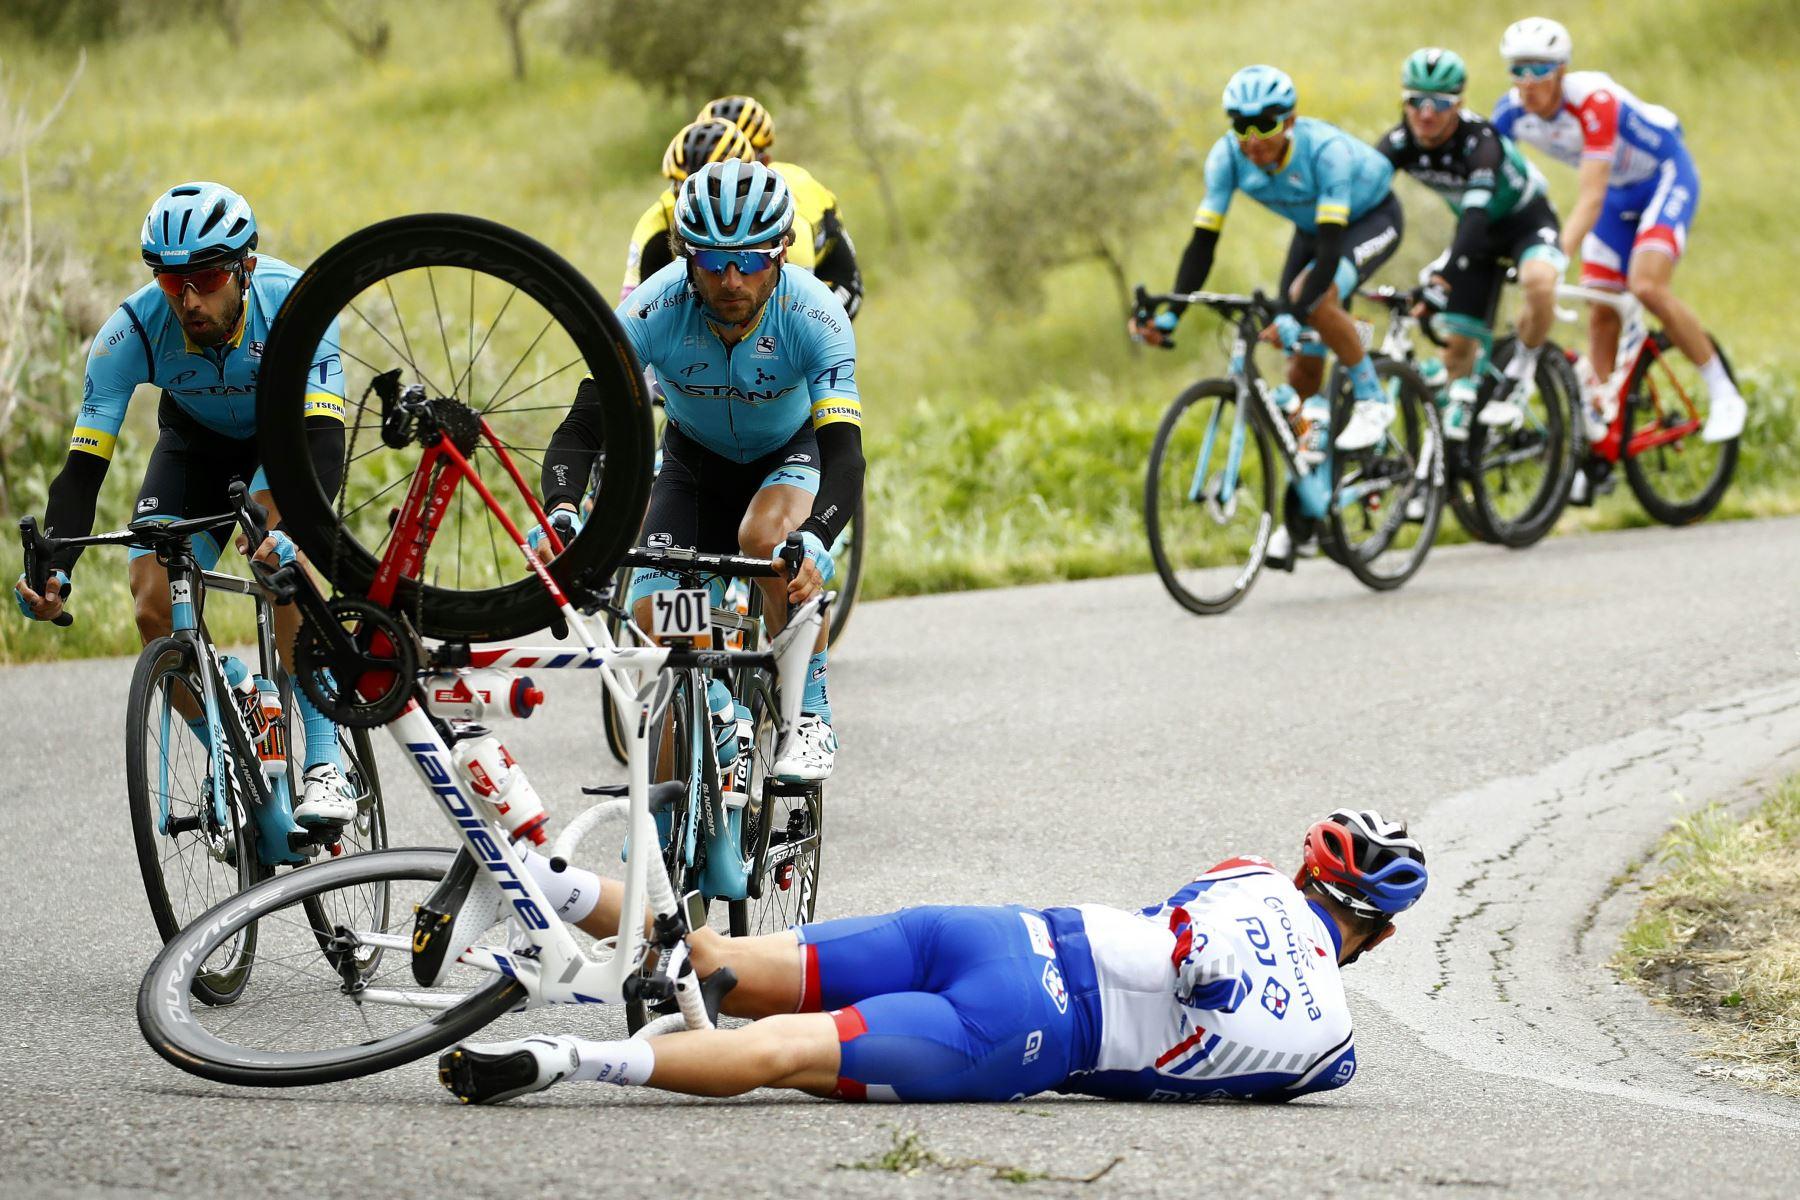 El ciclista Olivier Le Gac de Francia se estrella en la cuarta etapa del 102º Giro de Italia. Foto: AFP